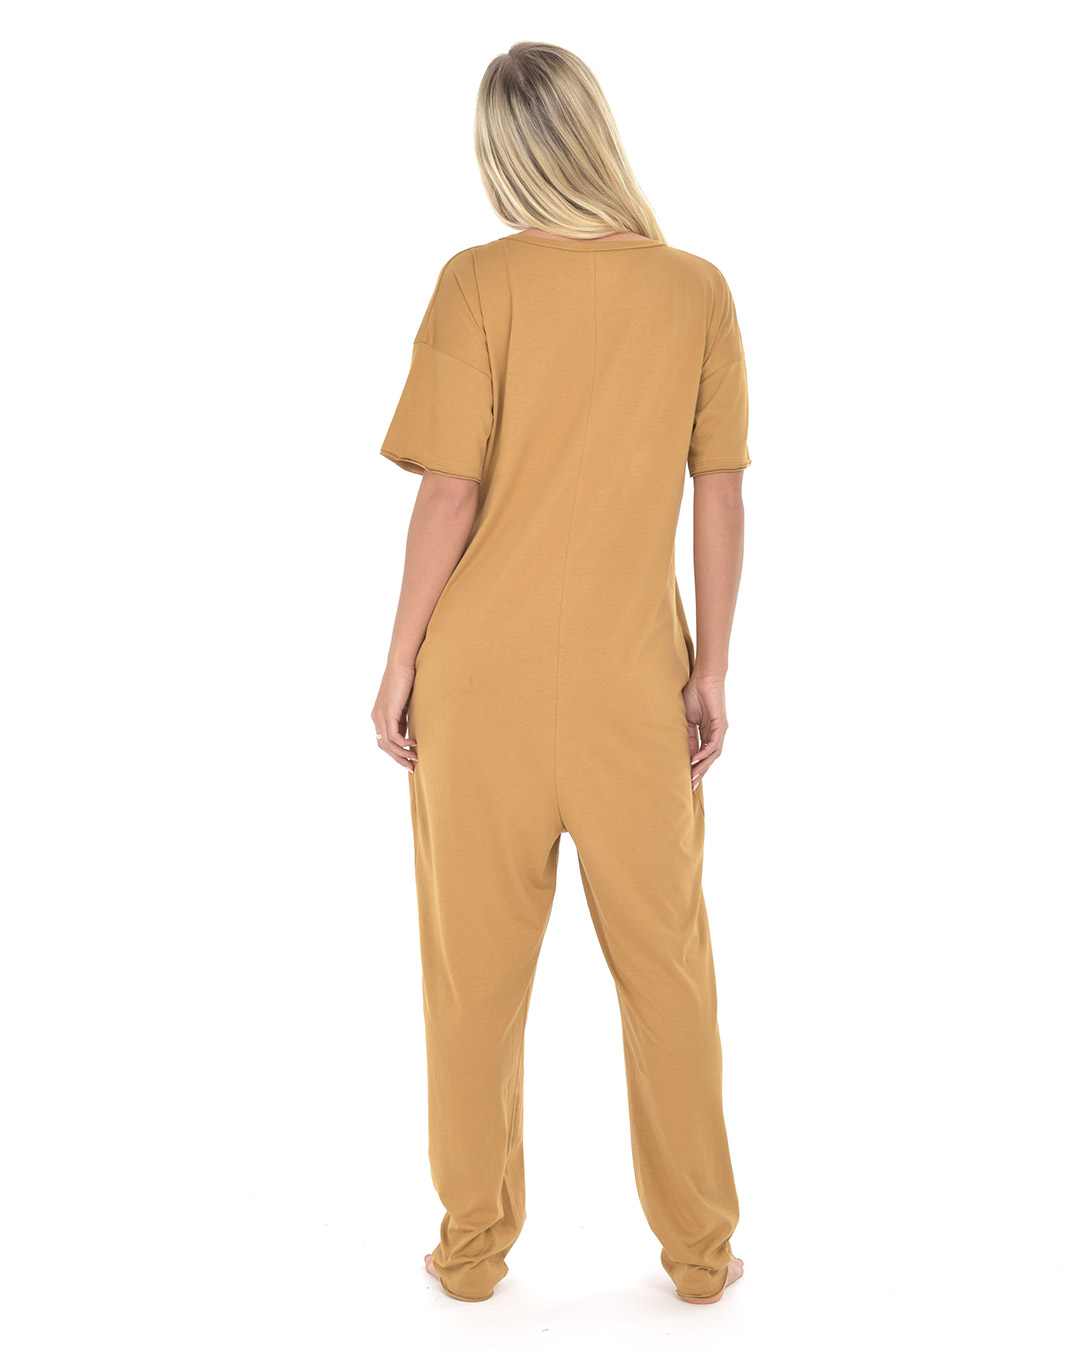 paper-label-sage-sun-02-dianes-lingerie-vancouver-1080x1350